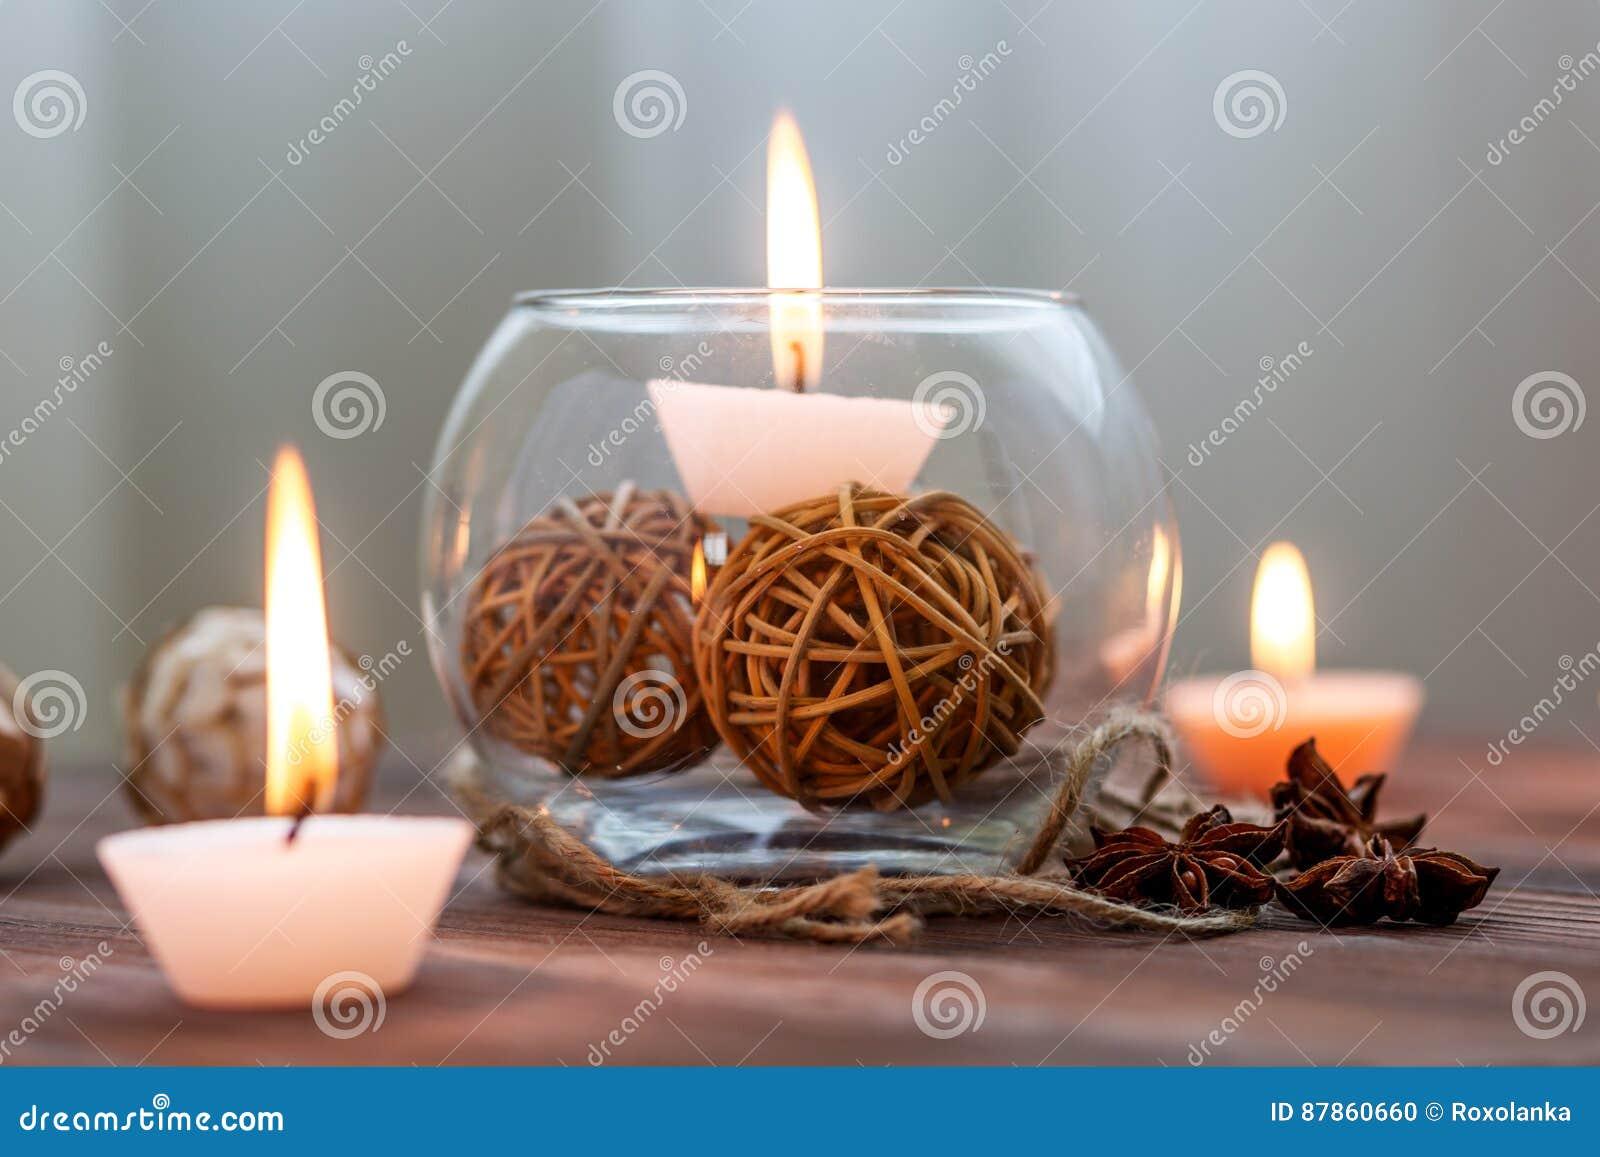 Eine Kerze In Einem Glasvase, In Einer Dekoration Und In ...